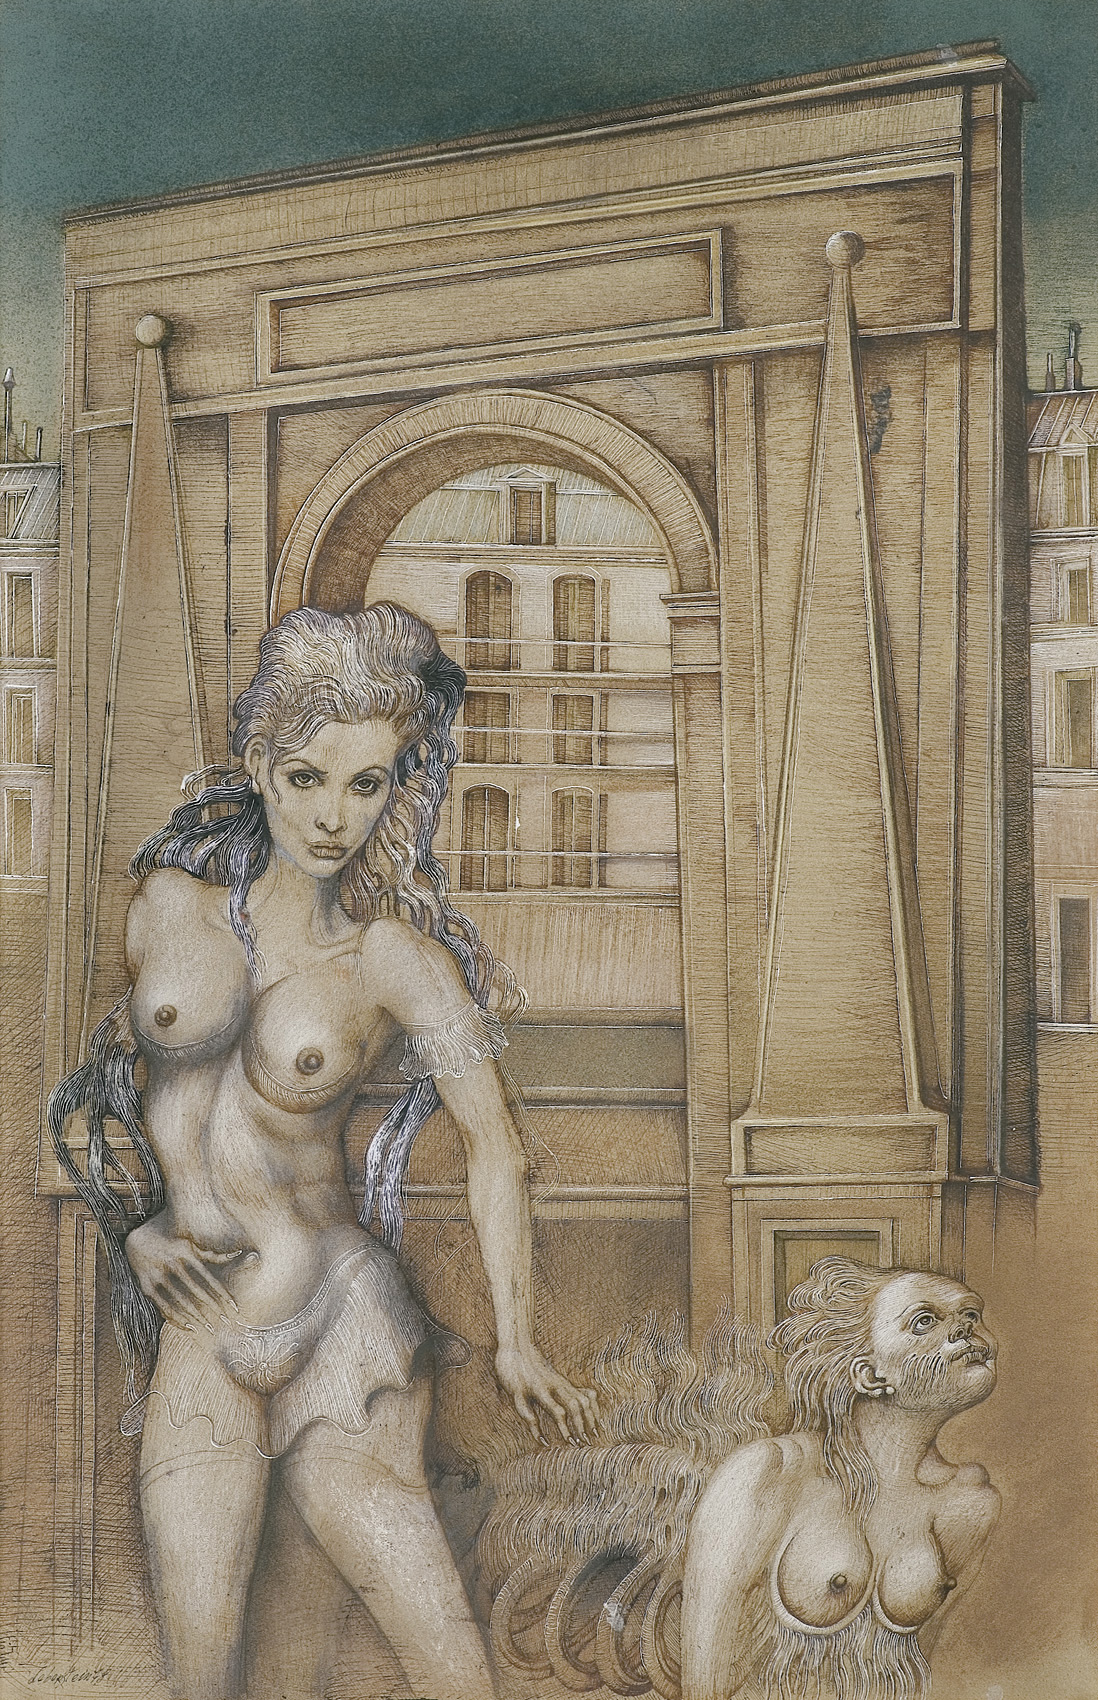 AU SEUIL DE LA PORTE (NA PROGU DRZWI), 1978